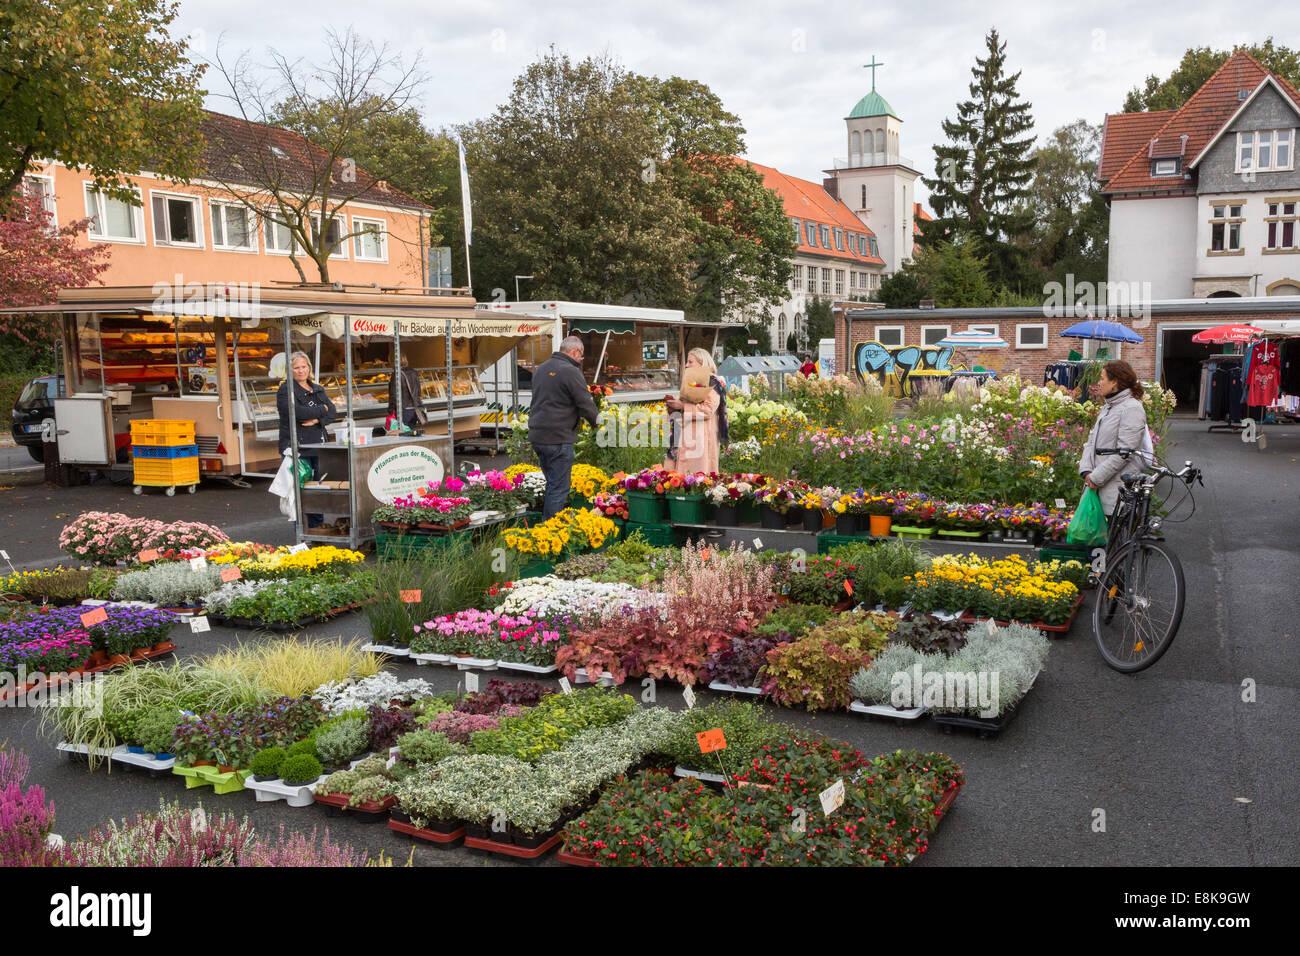 Blumen Bielefeld kunden auf einen blumen und stand auf dem jakobuskirchplatz markt